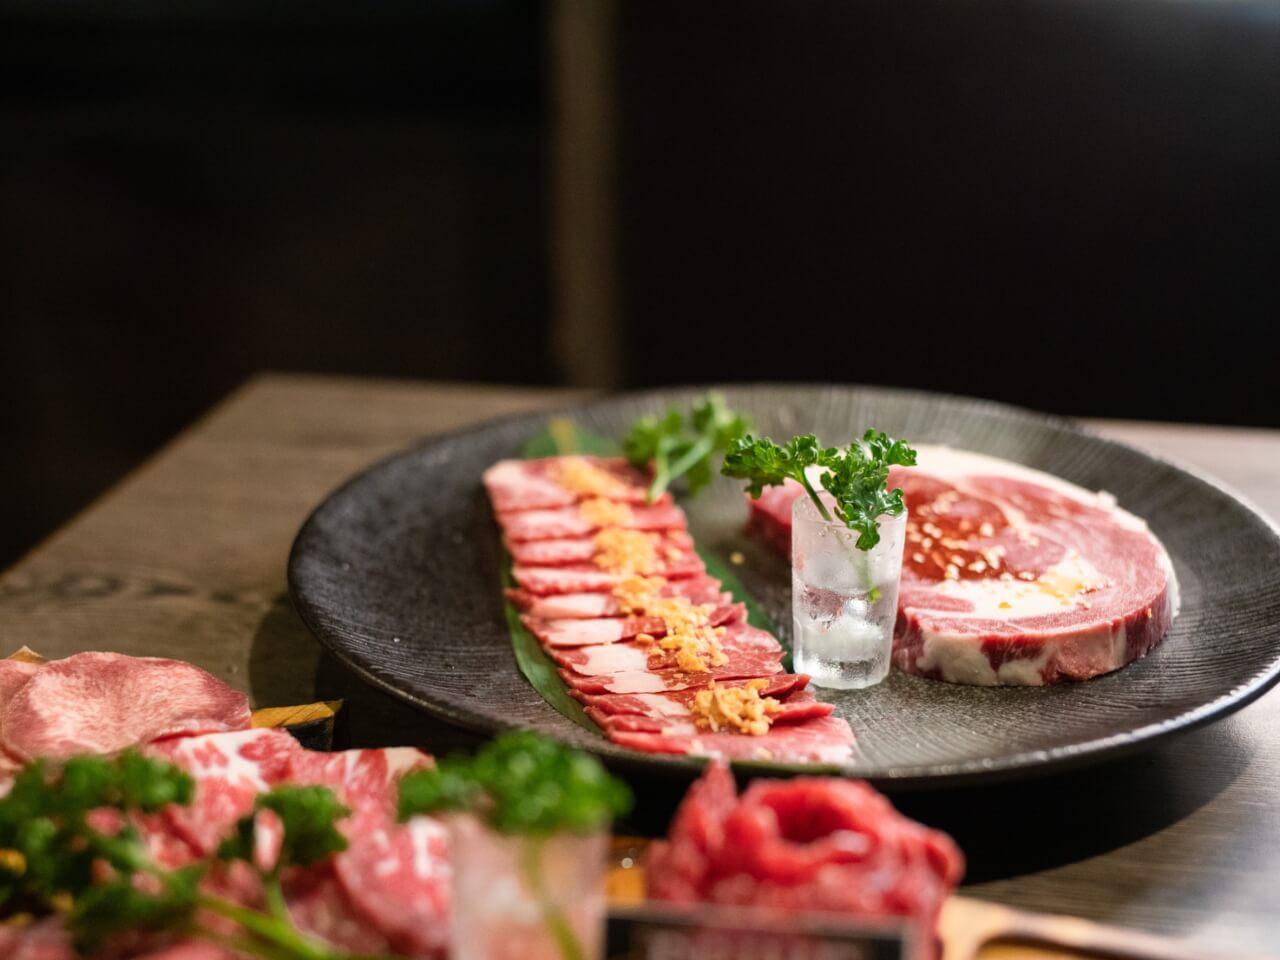 中壢美食燒肉推薦|青石代 Zendon Yaki 燒肉專門 |冠軍和牛拼盤